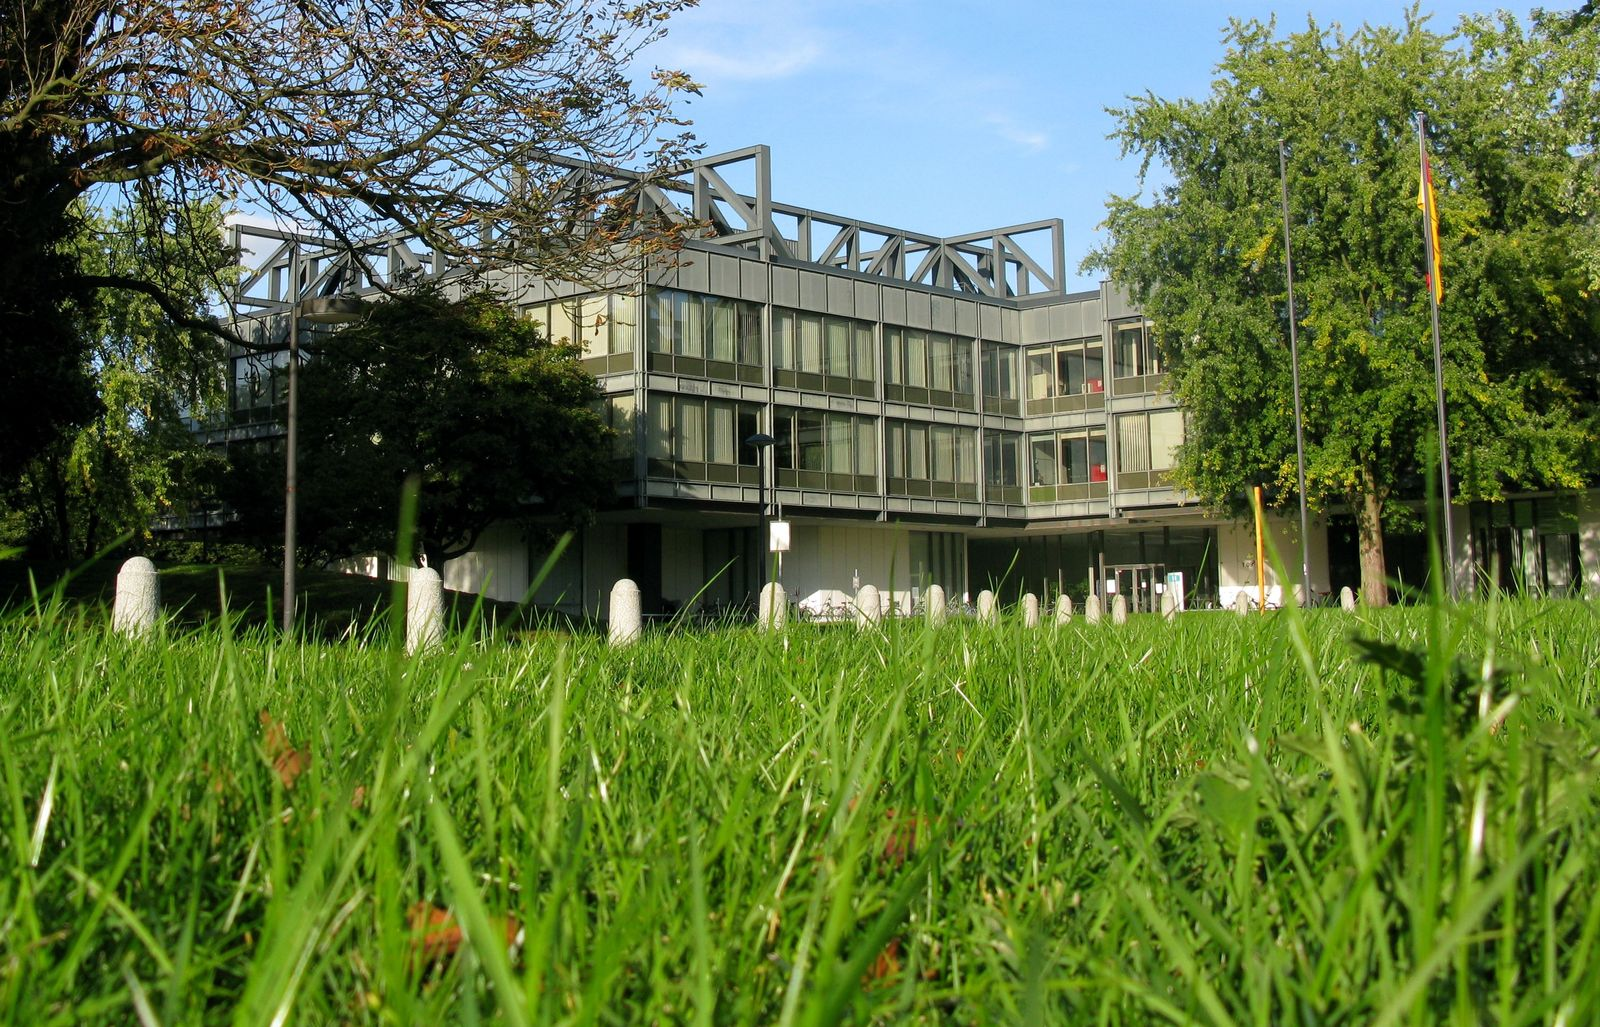 Helmut-Schmidt-Universität / Bundeswehr Uni Hamburg